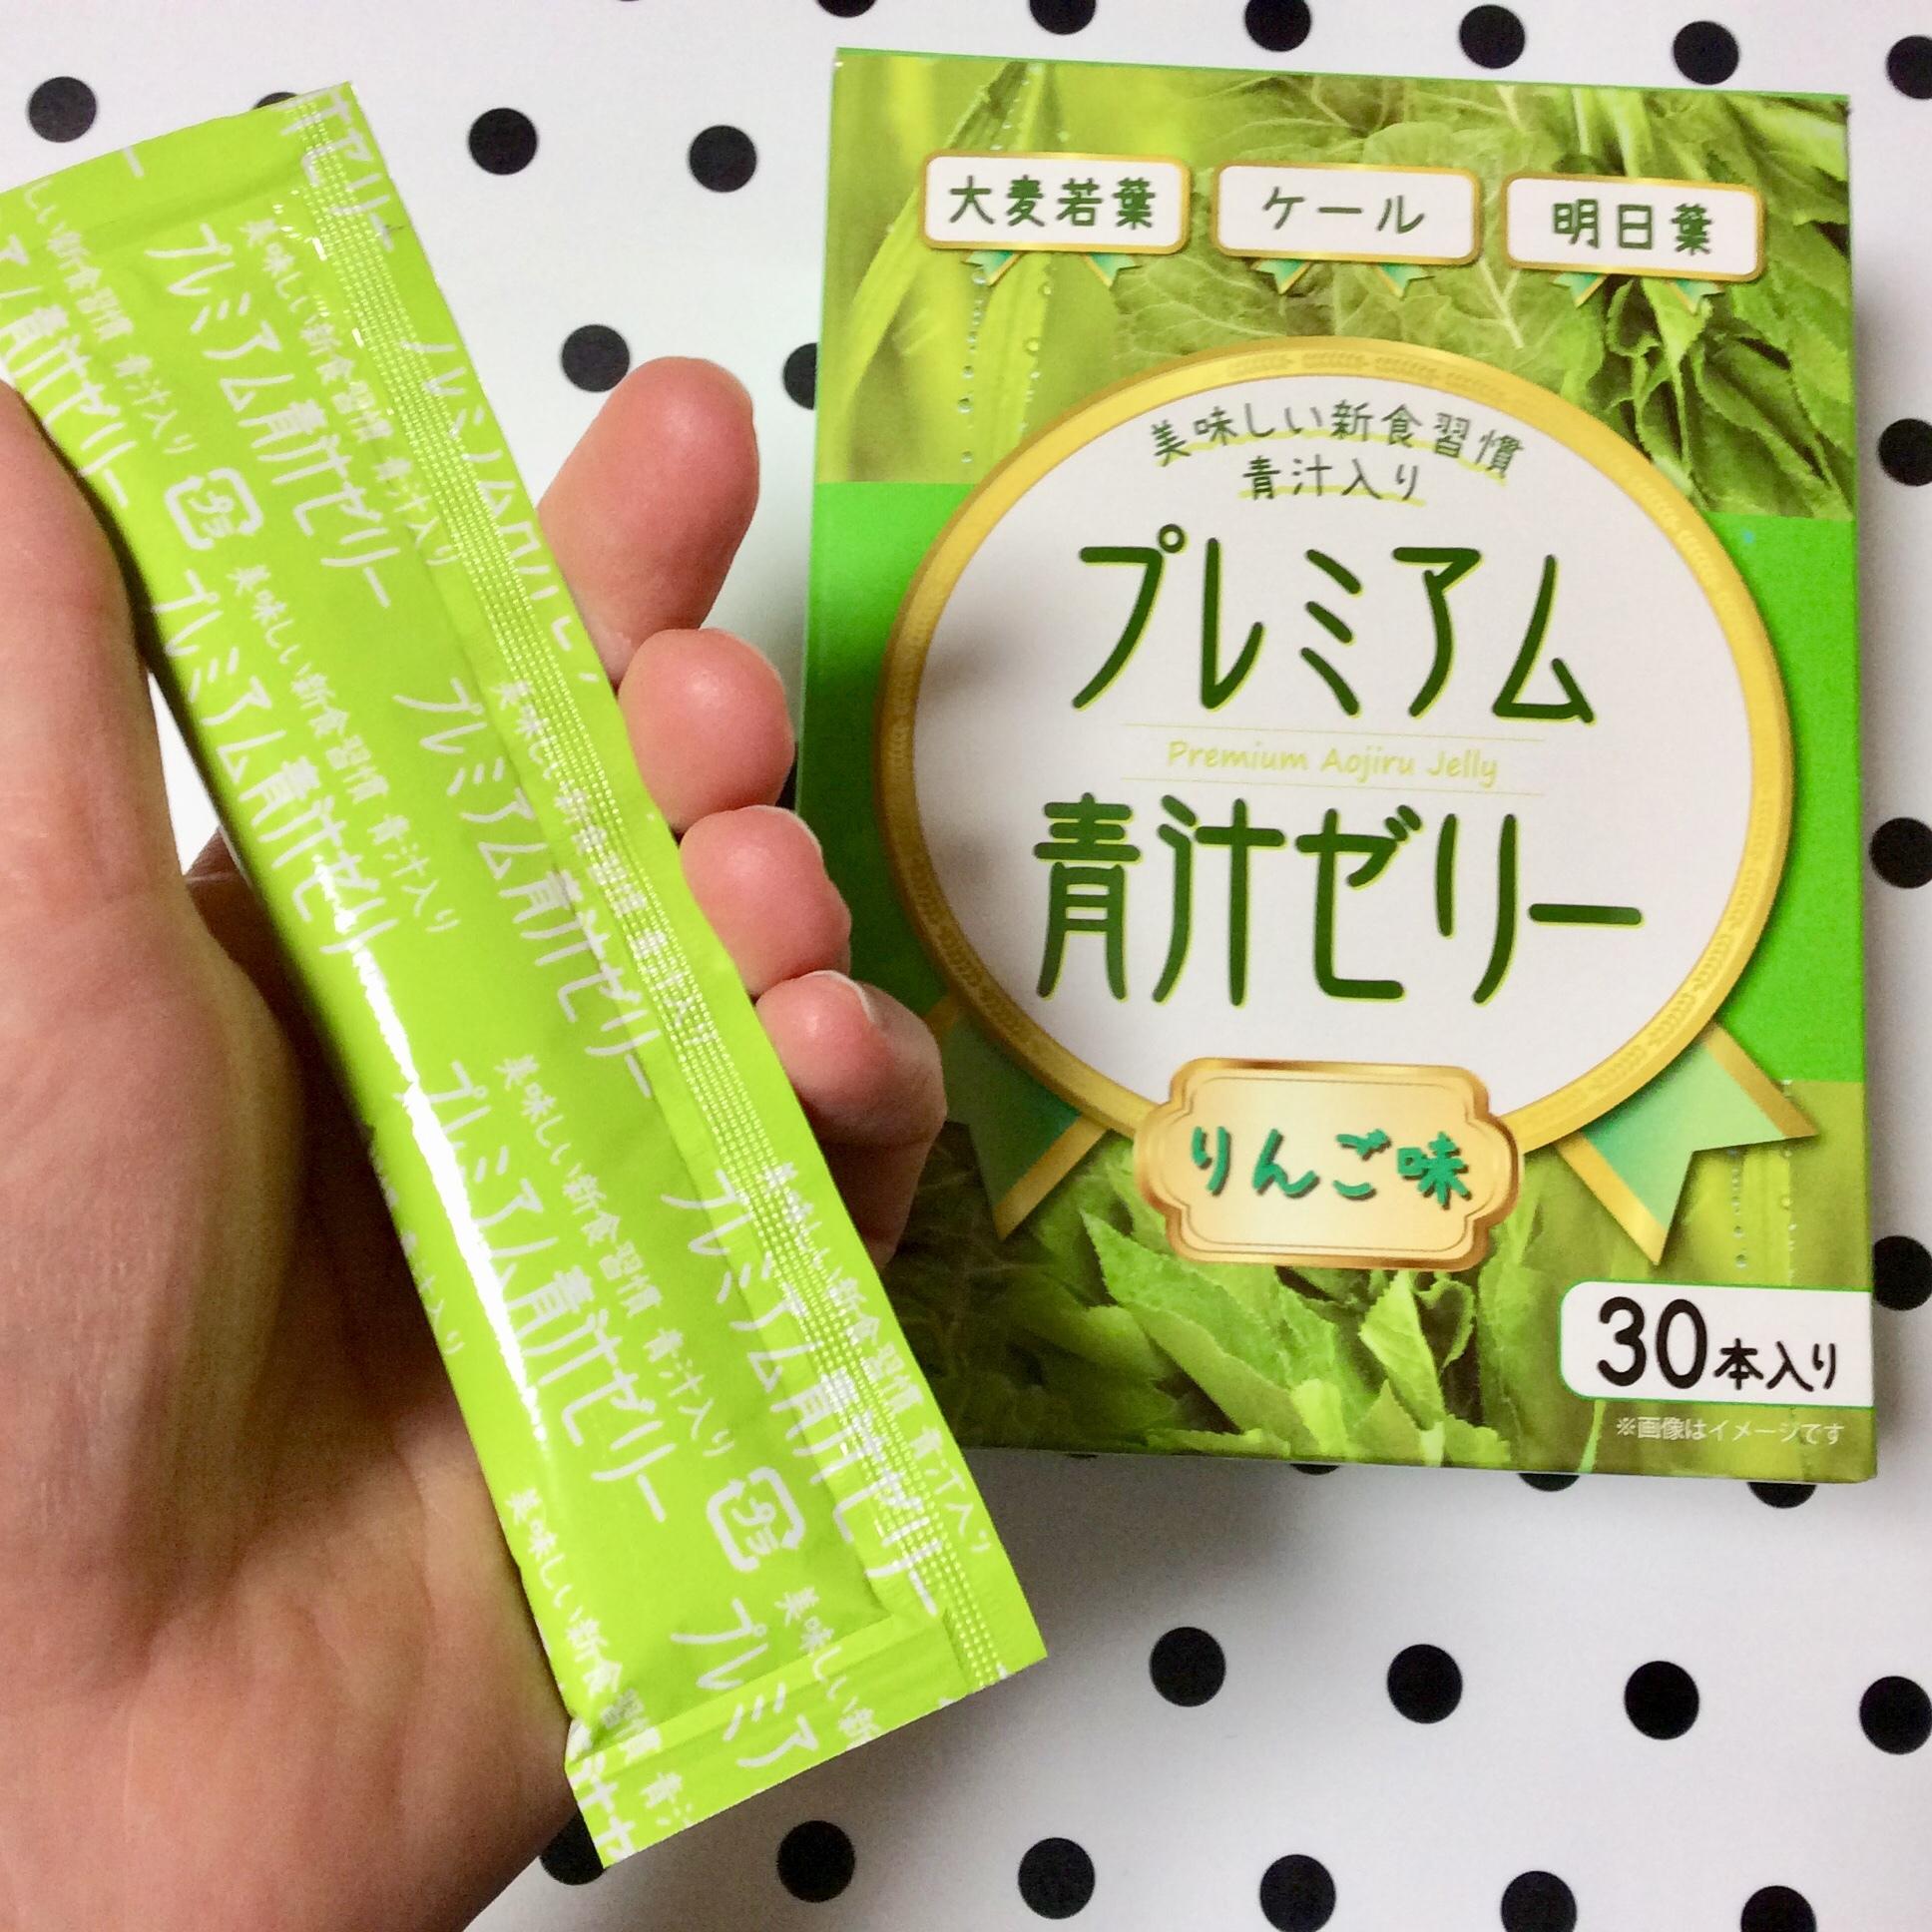 プレミアム青汁ゼリー りんご味 1箱(30包入り)プレミアム青汁ゼリー りんご味 1箱(30包入り) (1)